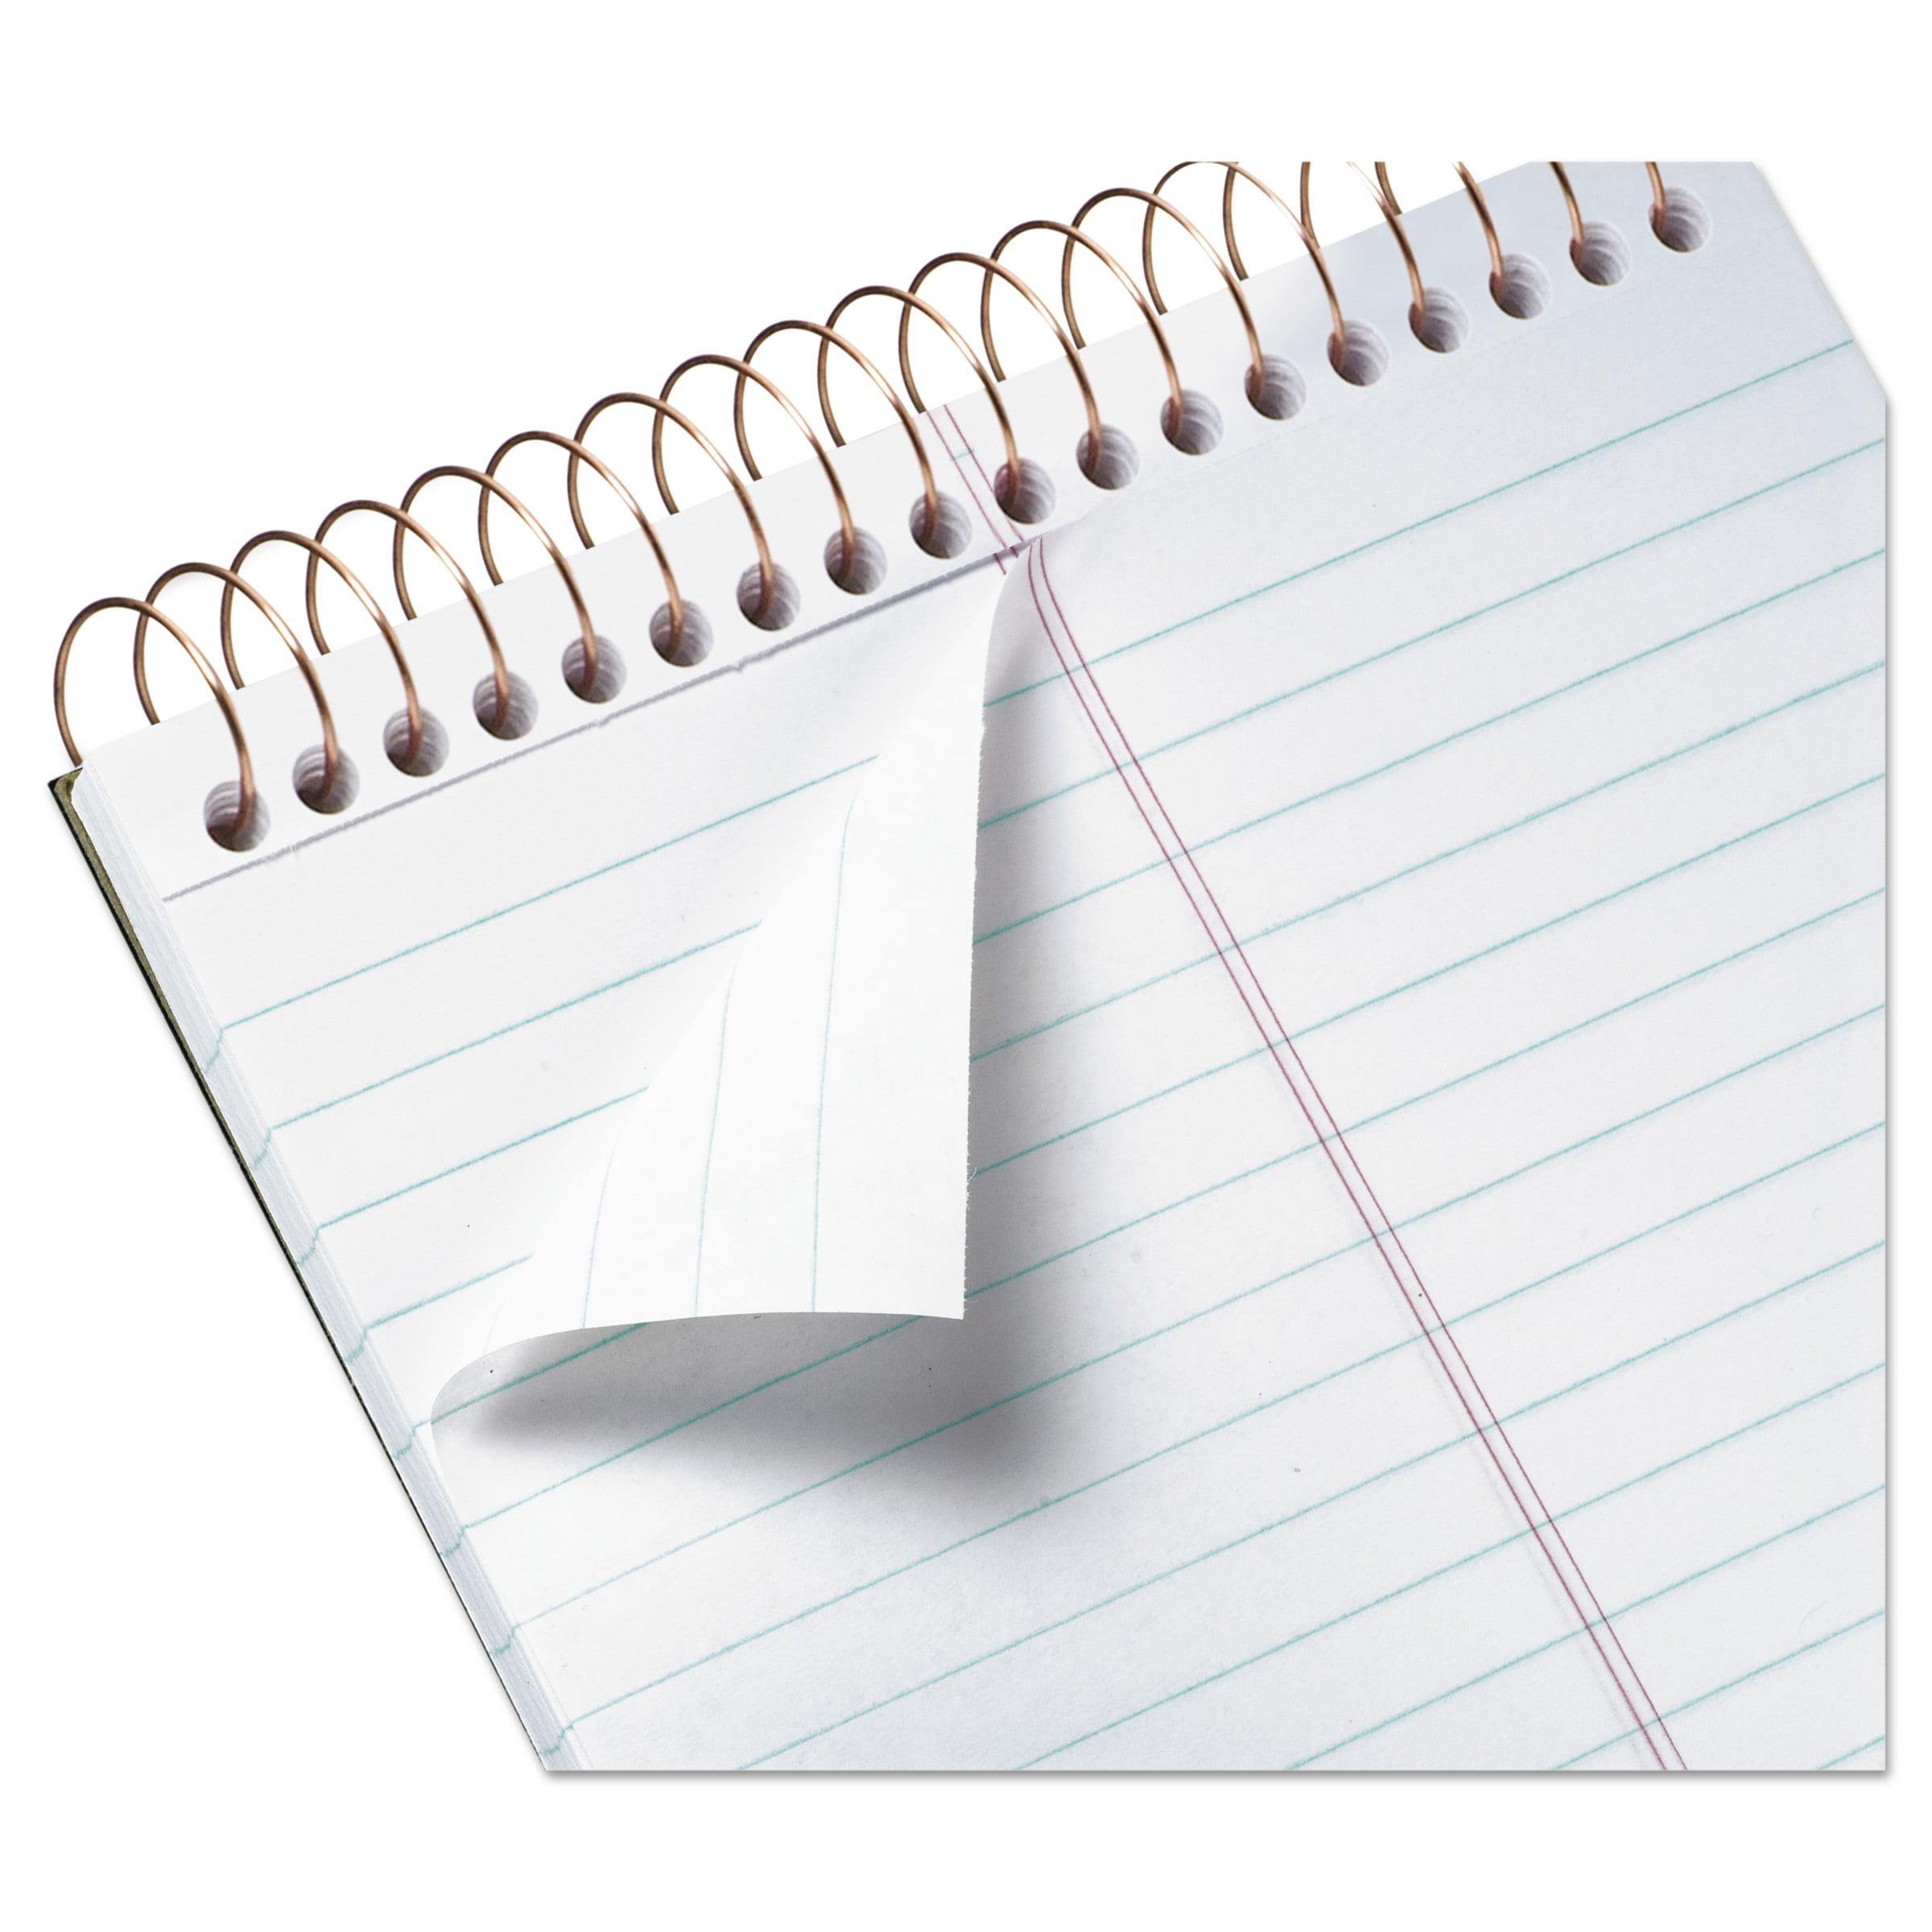 Ampad Gold Fibre Spiral Steno Book, Gregg, 6 x 9, White/Green, 100 Sheets